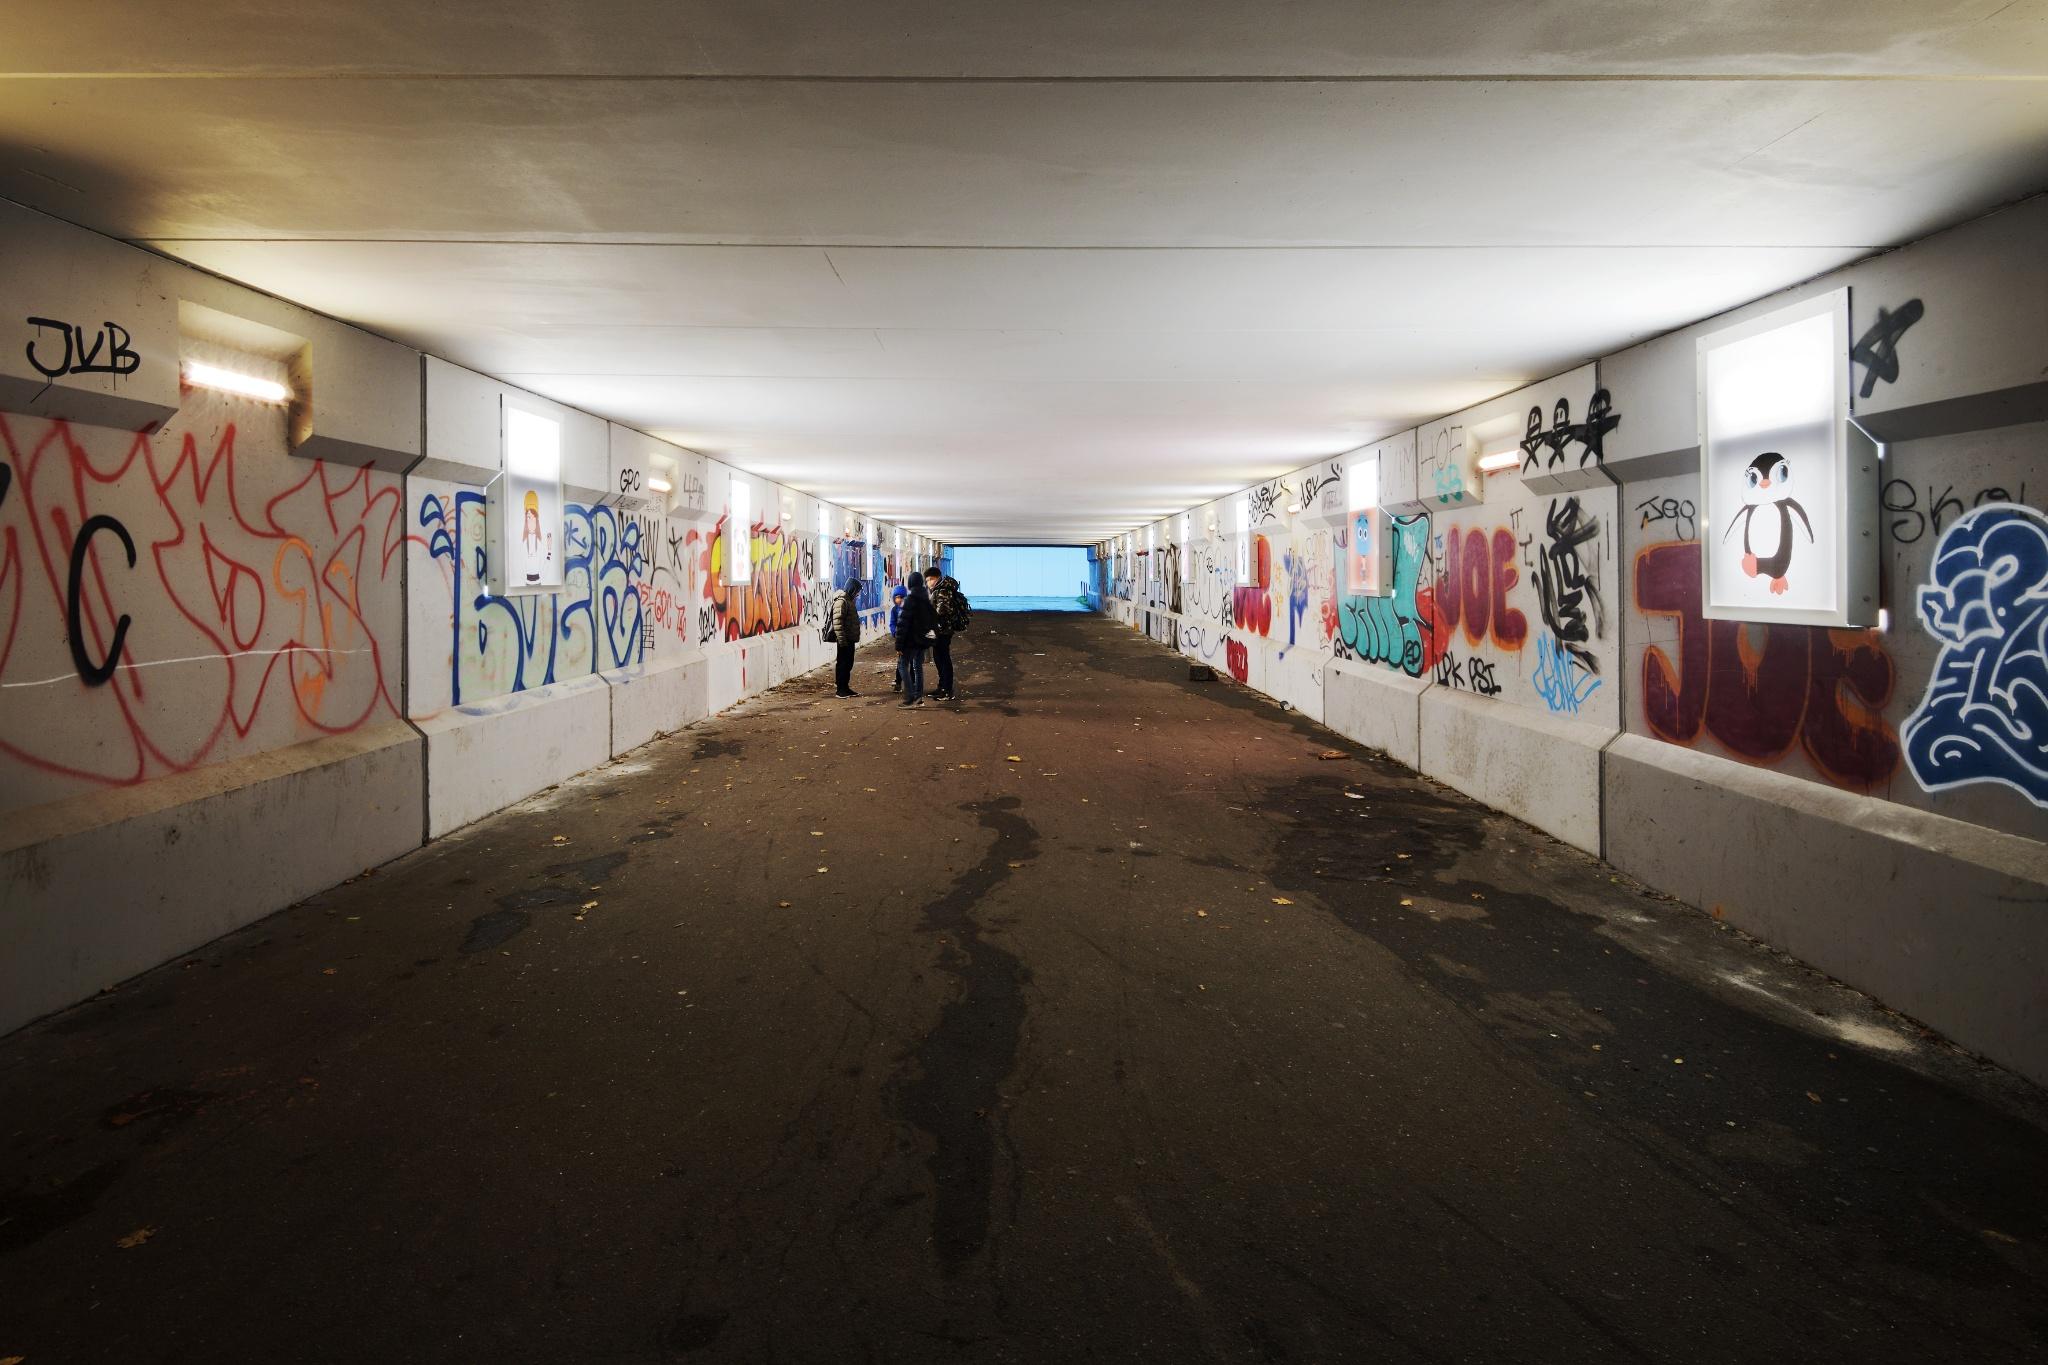 Skoleelever står bag interaktiv tunnel — lysstyring fjerner utryghed